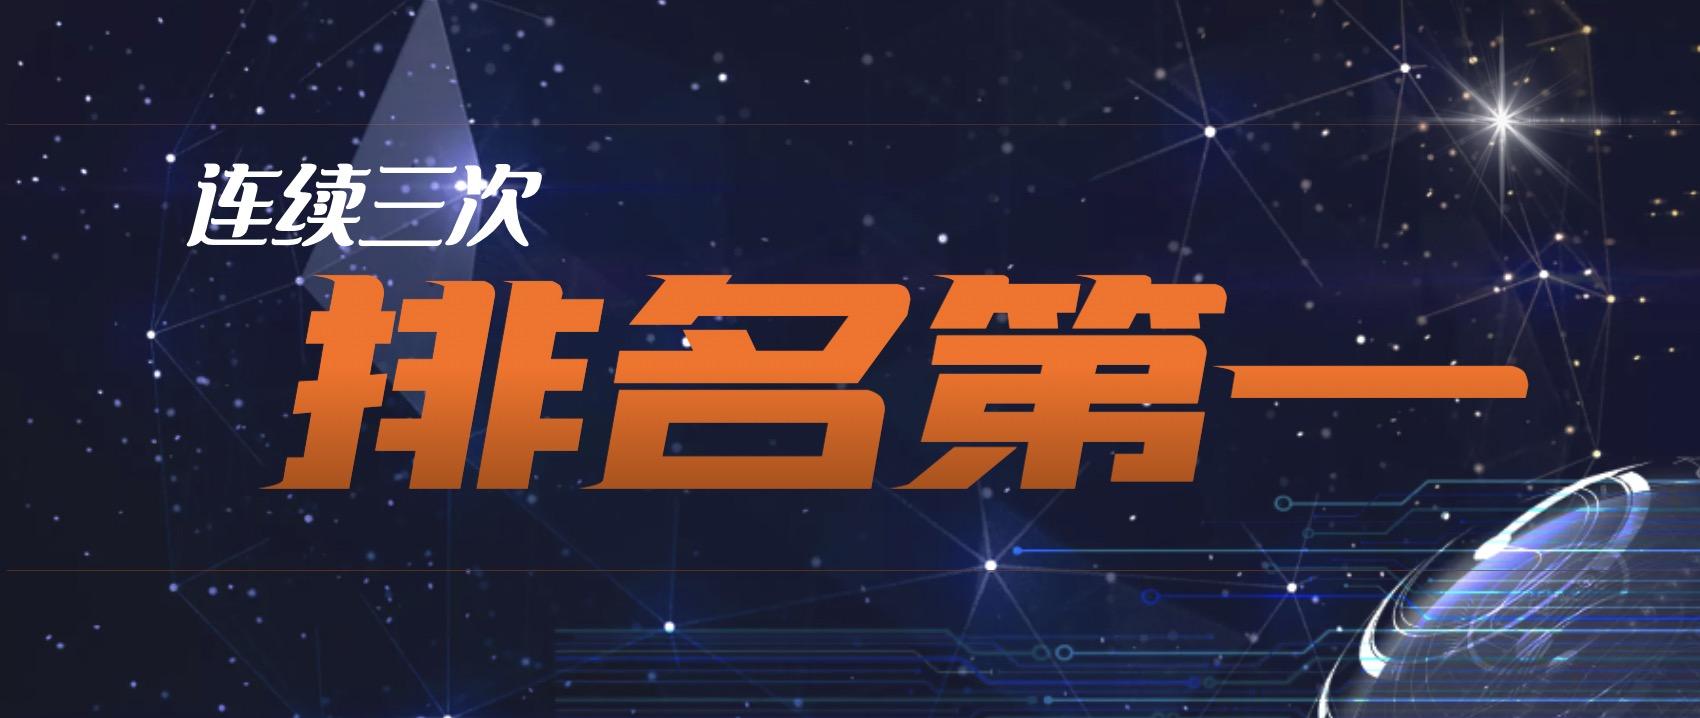 阿里云又双叒领跑中国软件安全网关市场